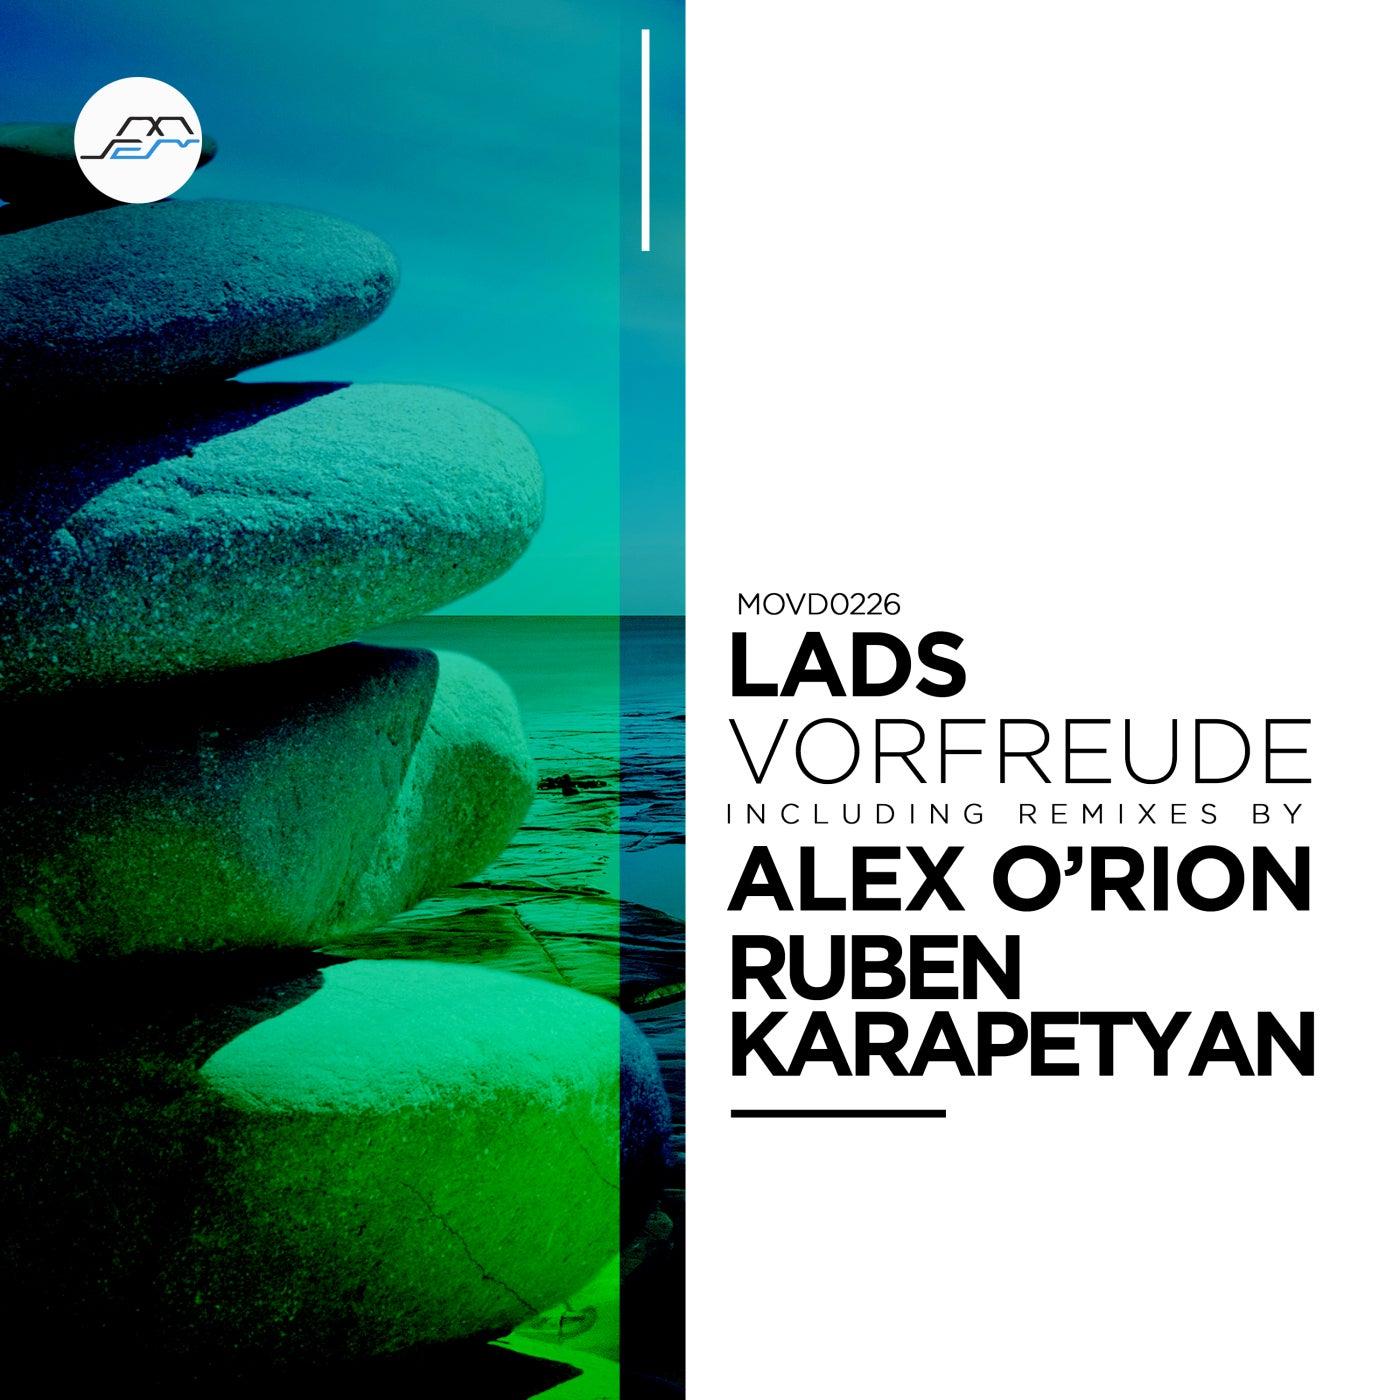 Vorfreude (Alex O'Rion Remix)